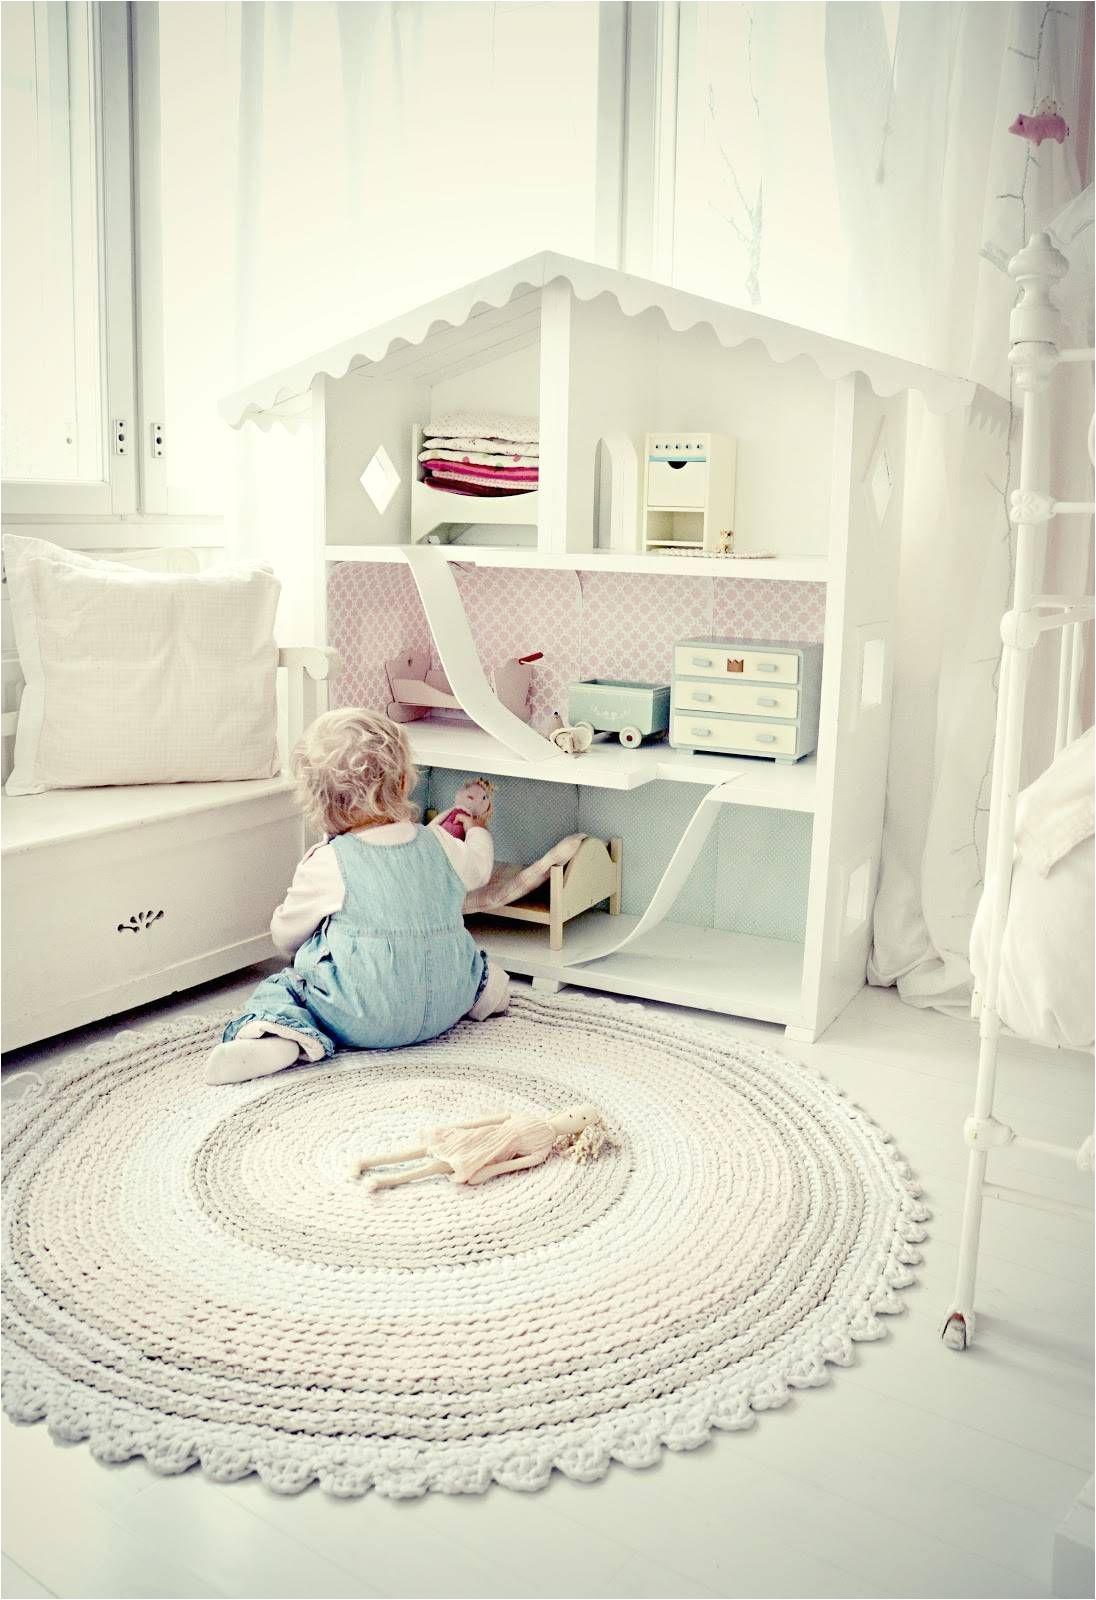 tapetes em croche mais claros em quartos de bebaa ficam um mimo